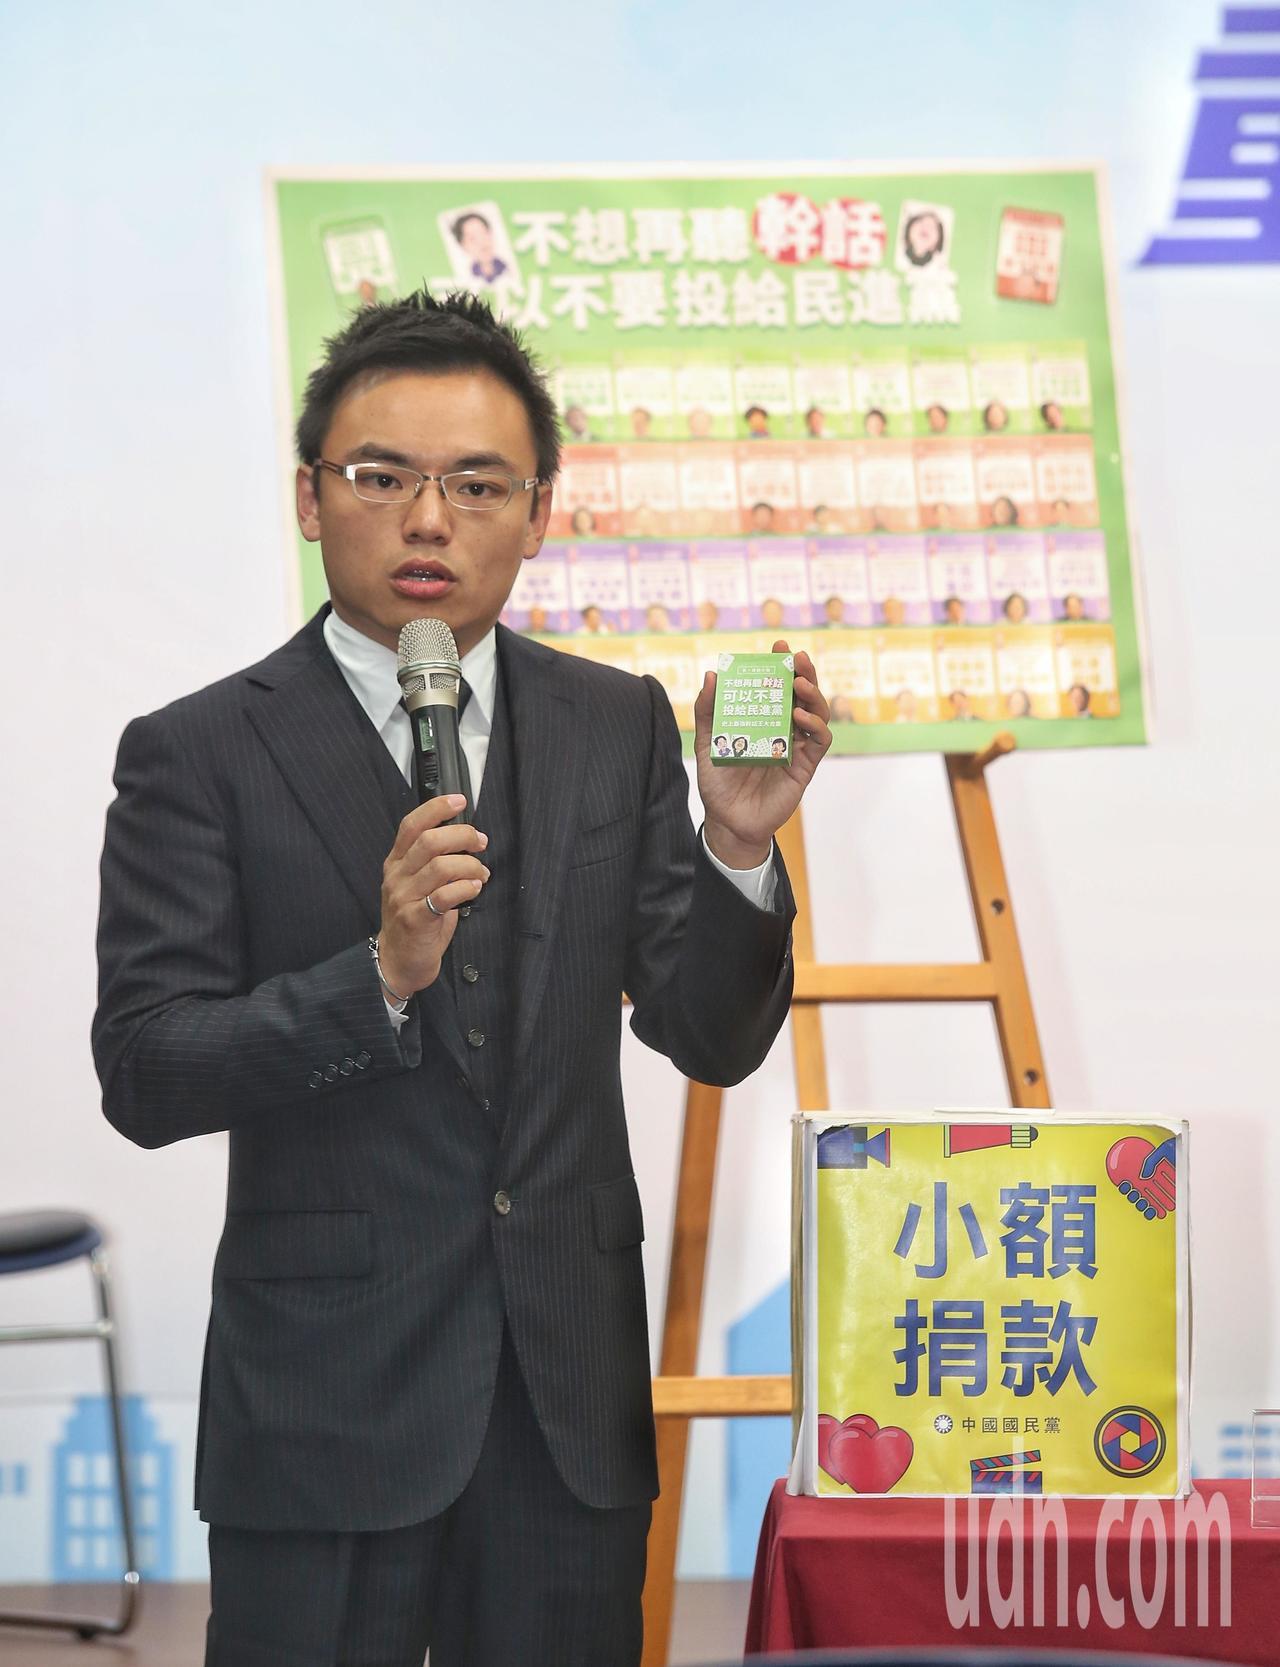 國民黨發言人洪孟楷宣傳募款小物。記者鄭清元/攝影